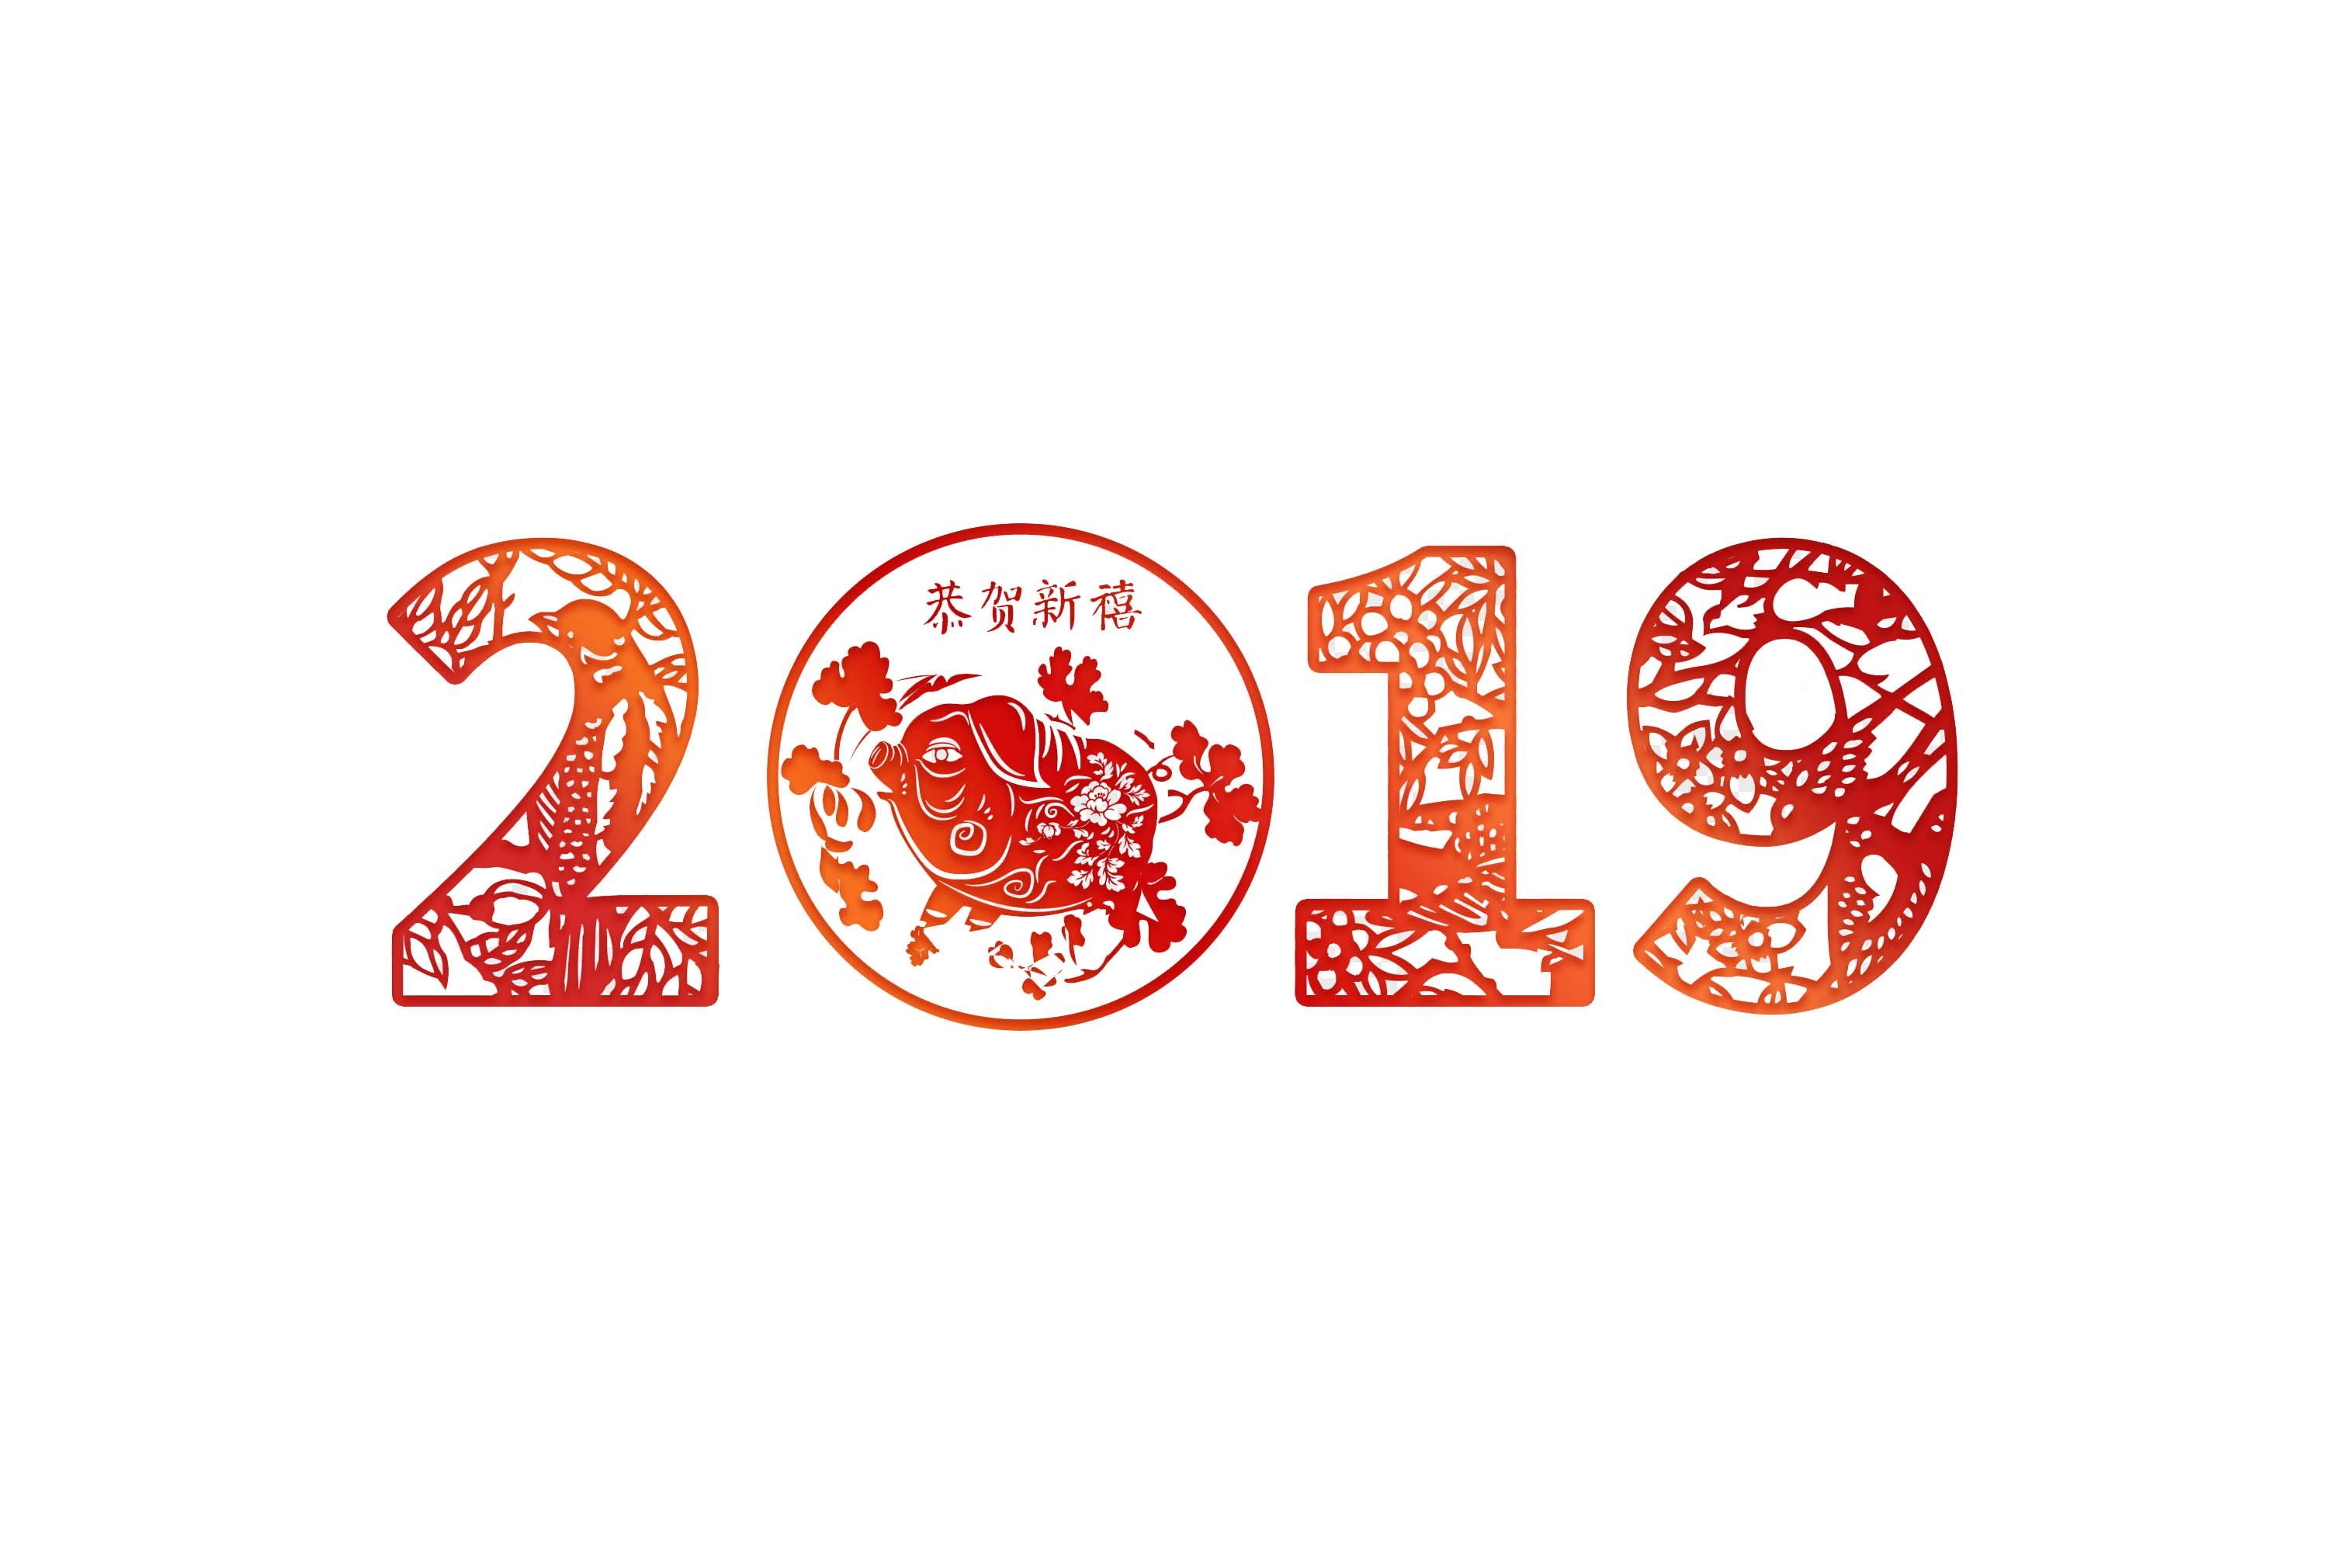 Hình nền chúc mừng năm mới 2019 cực đẹp